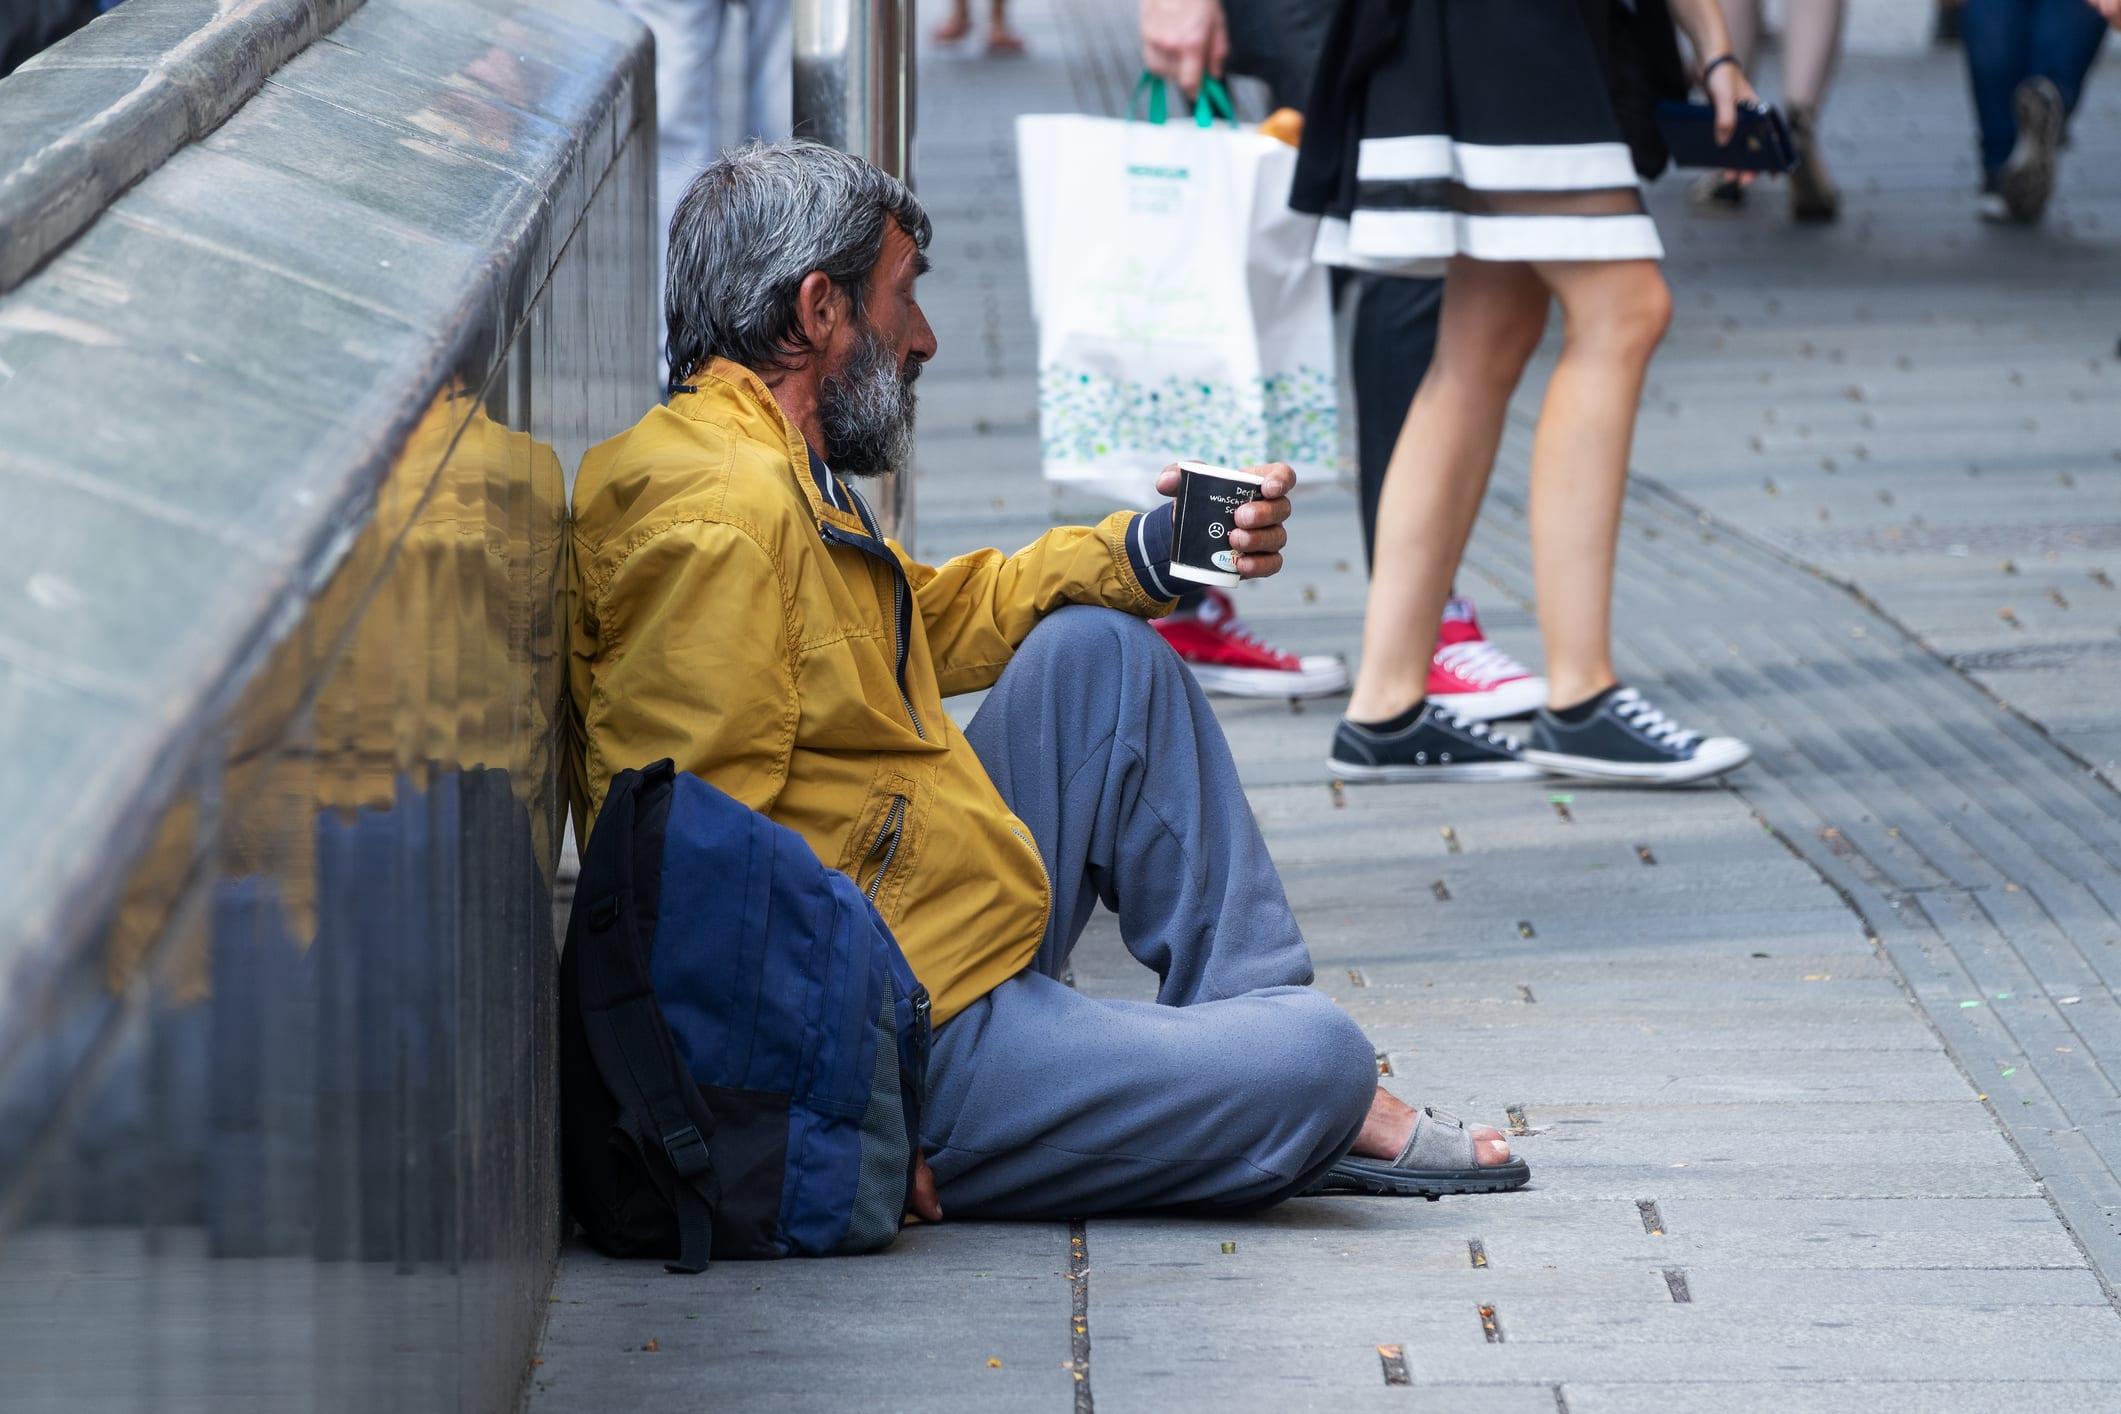 Des équipes spécialisées pour répondre au besoin de prise en charge des troubles psychiatriques des personnes sans-abri